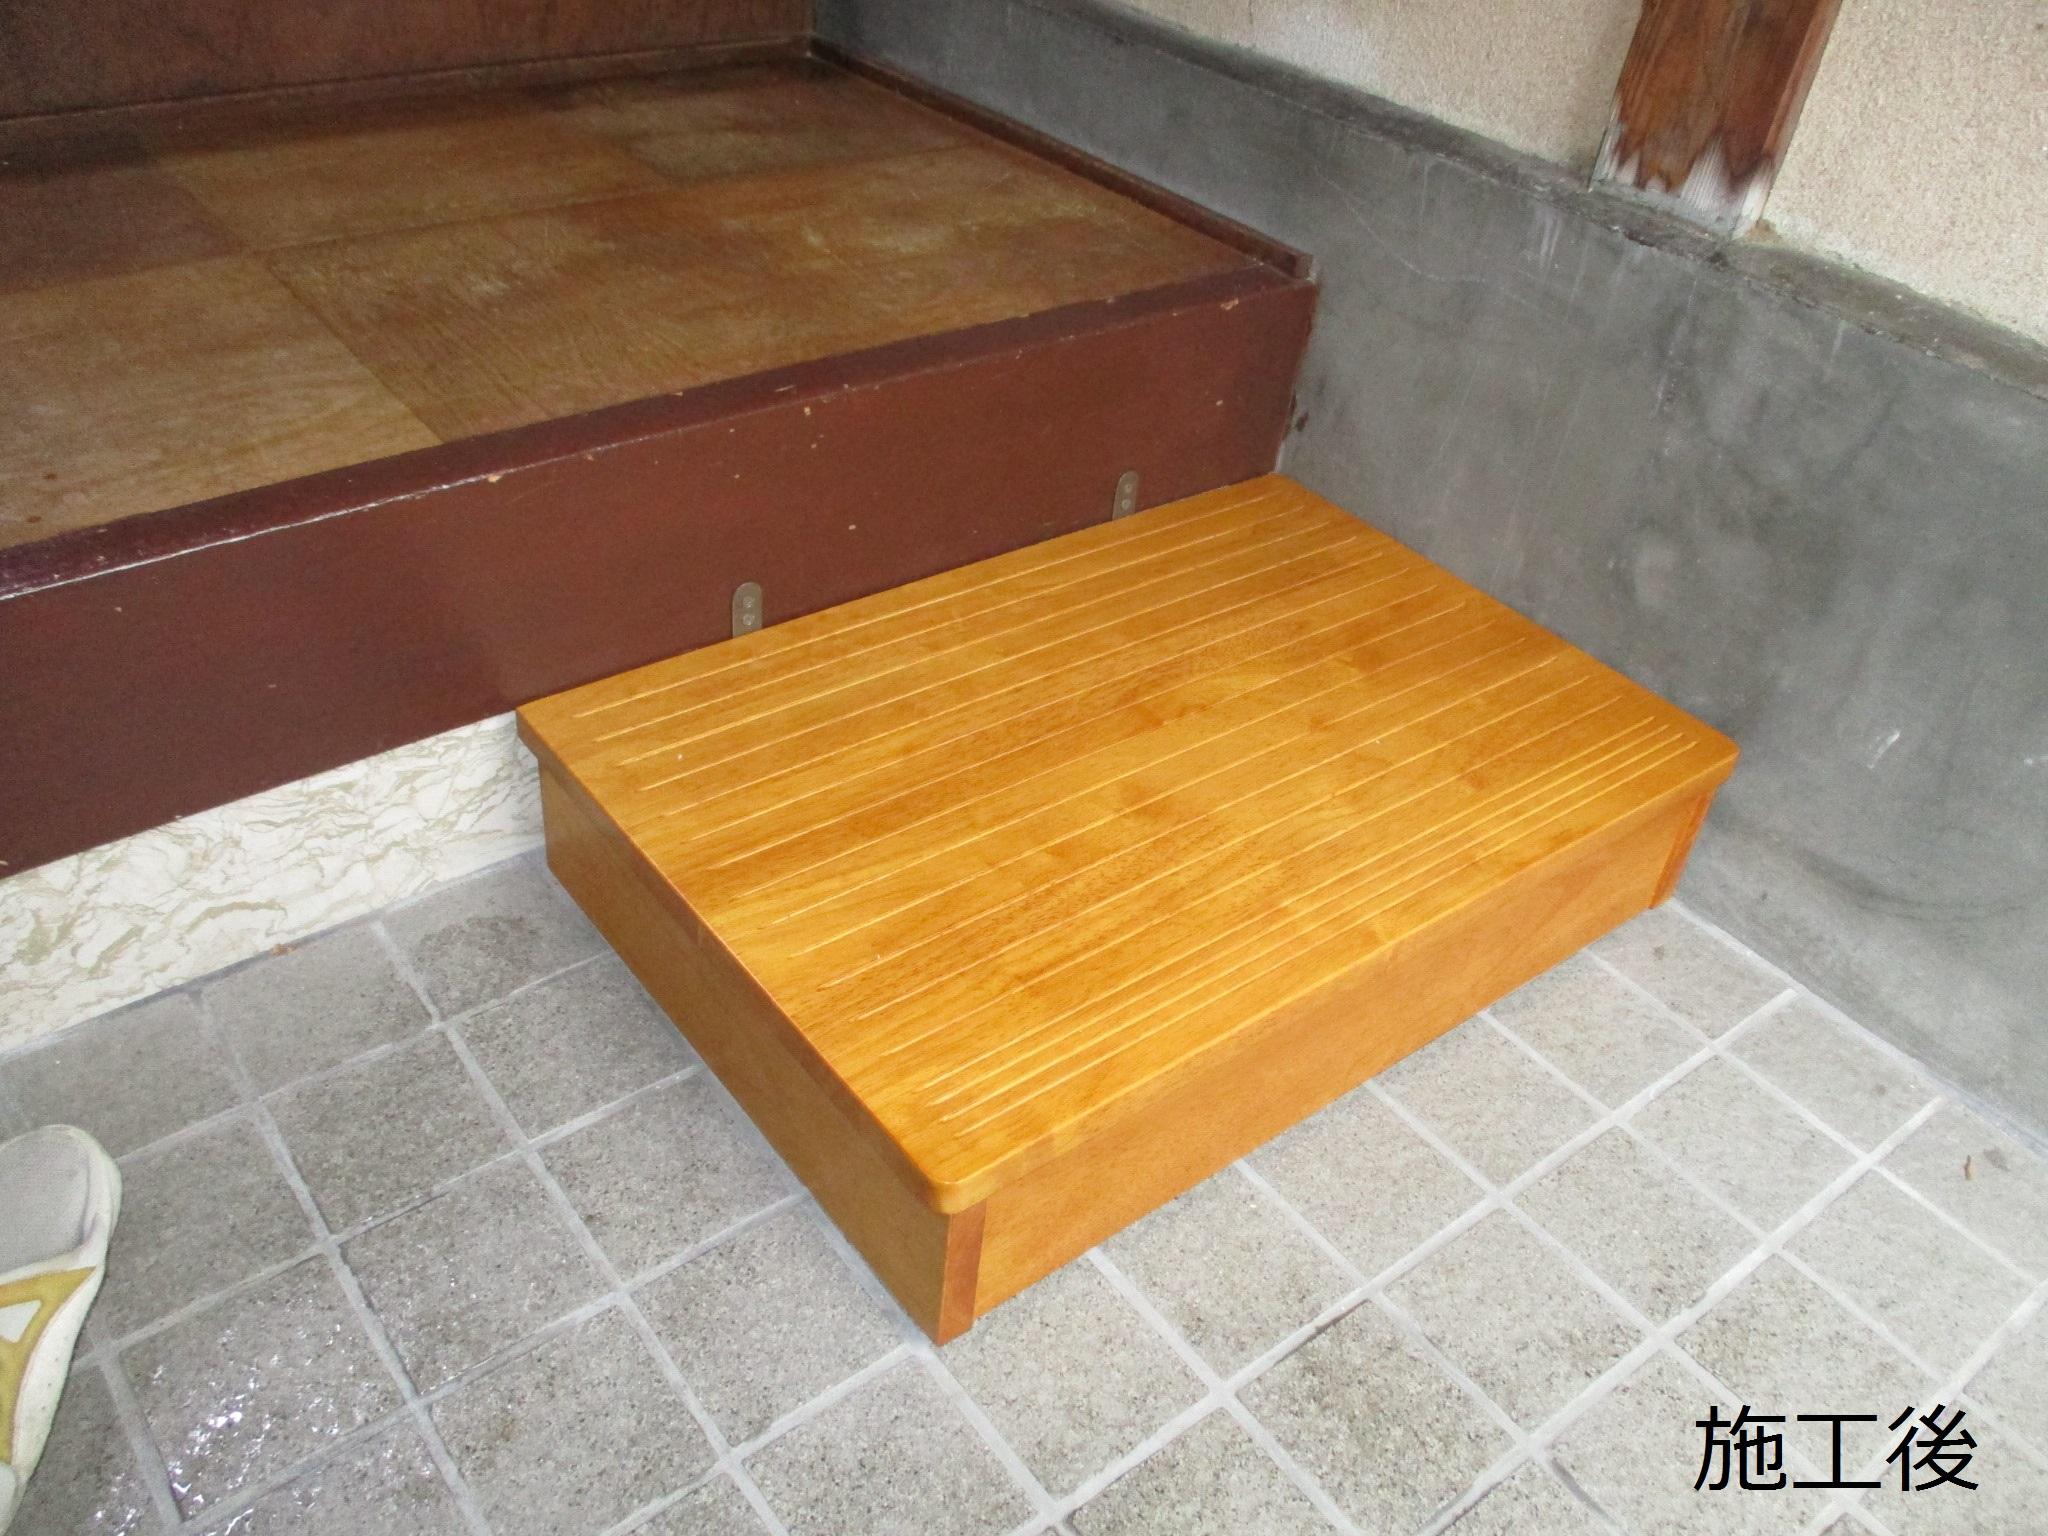 宝塚市 玄関手摺・踏み台設置工事イメージ04